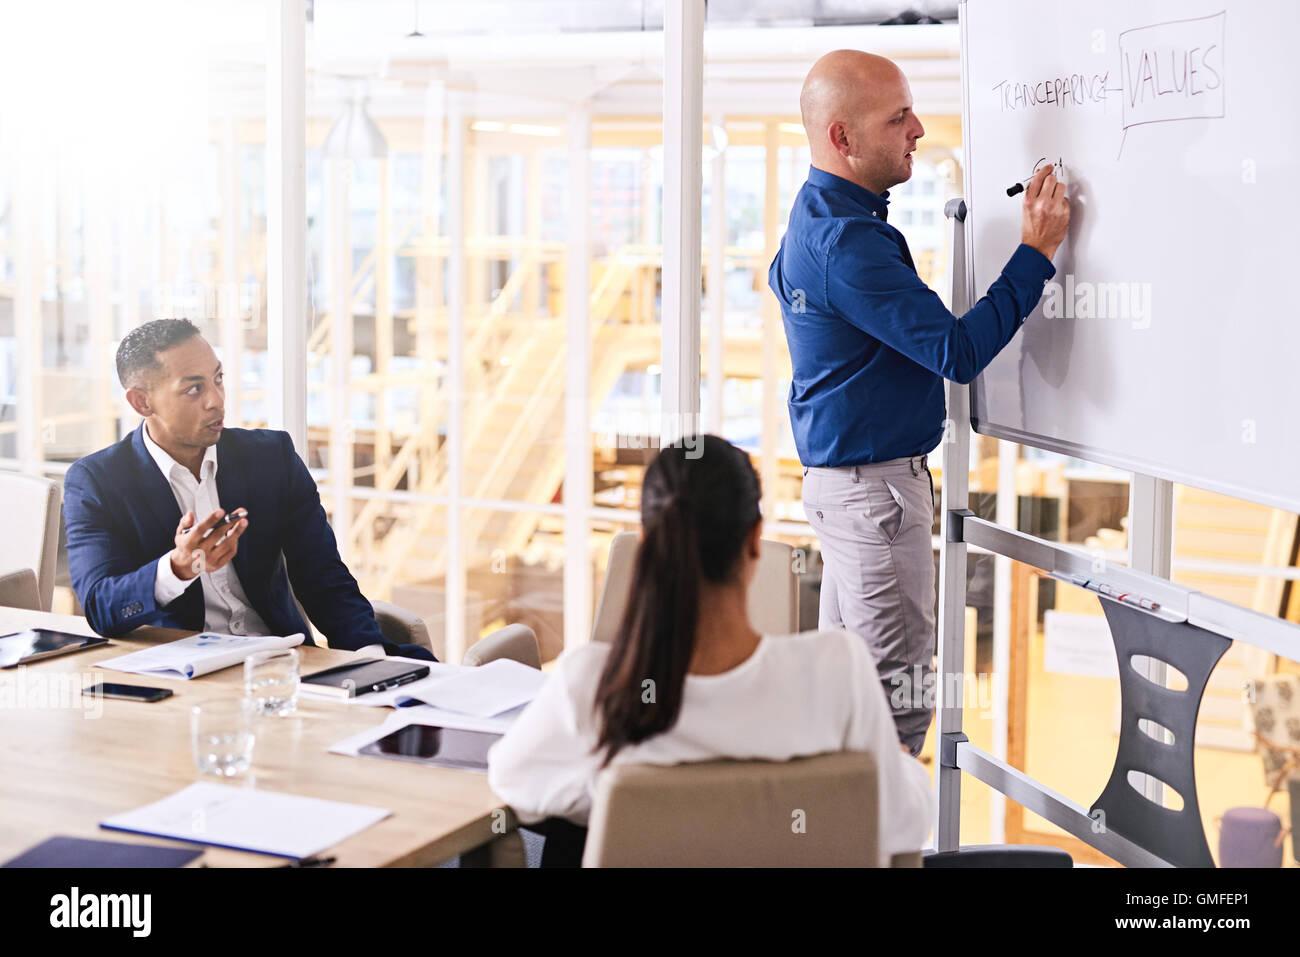 Joven empresario caucásica escribiendo los valores de la compañía en una pizarra blanca Imagen De Stock